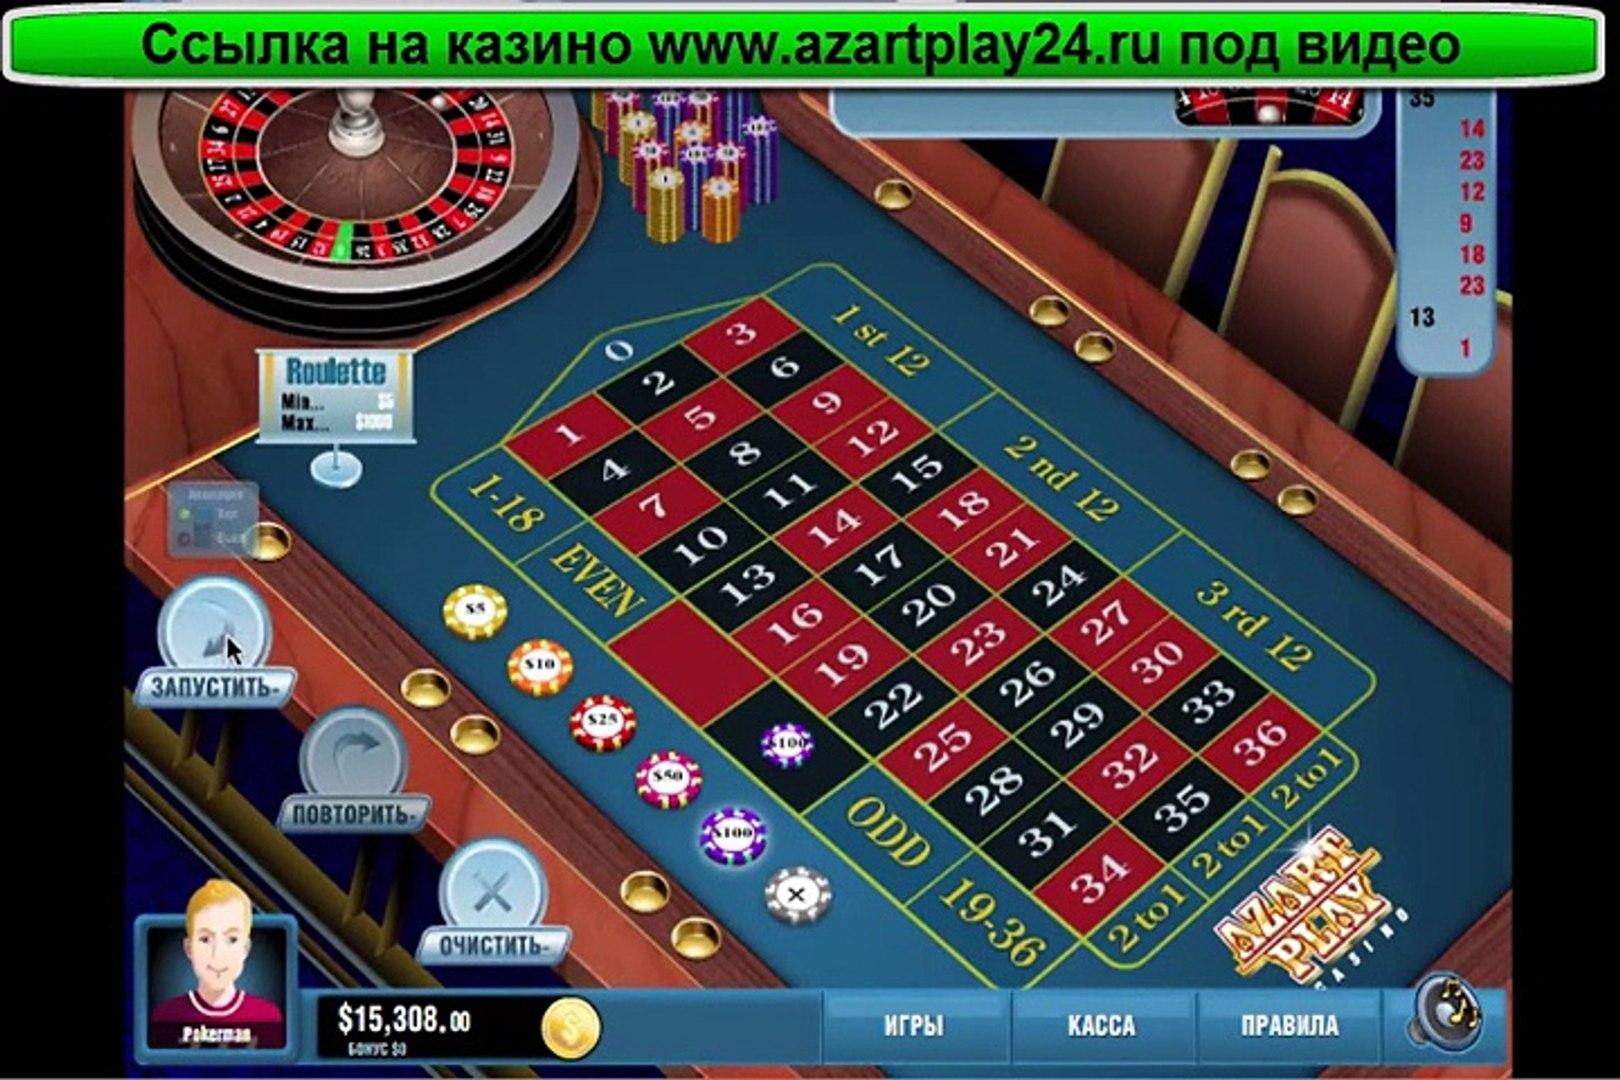 Казино азарт плей играть онлайн бесплатно марафон казино играть онлайн